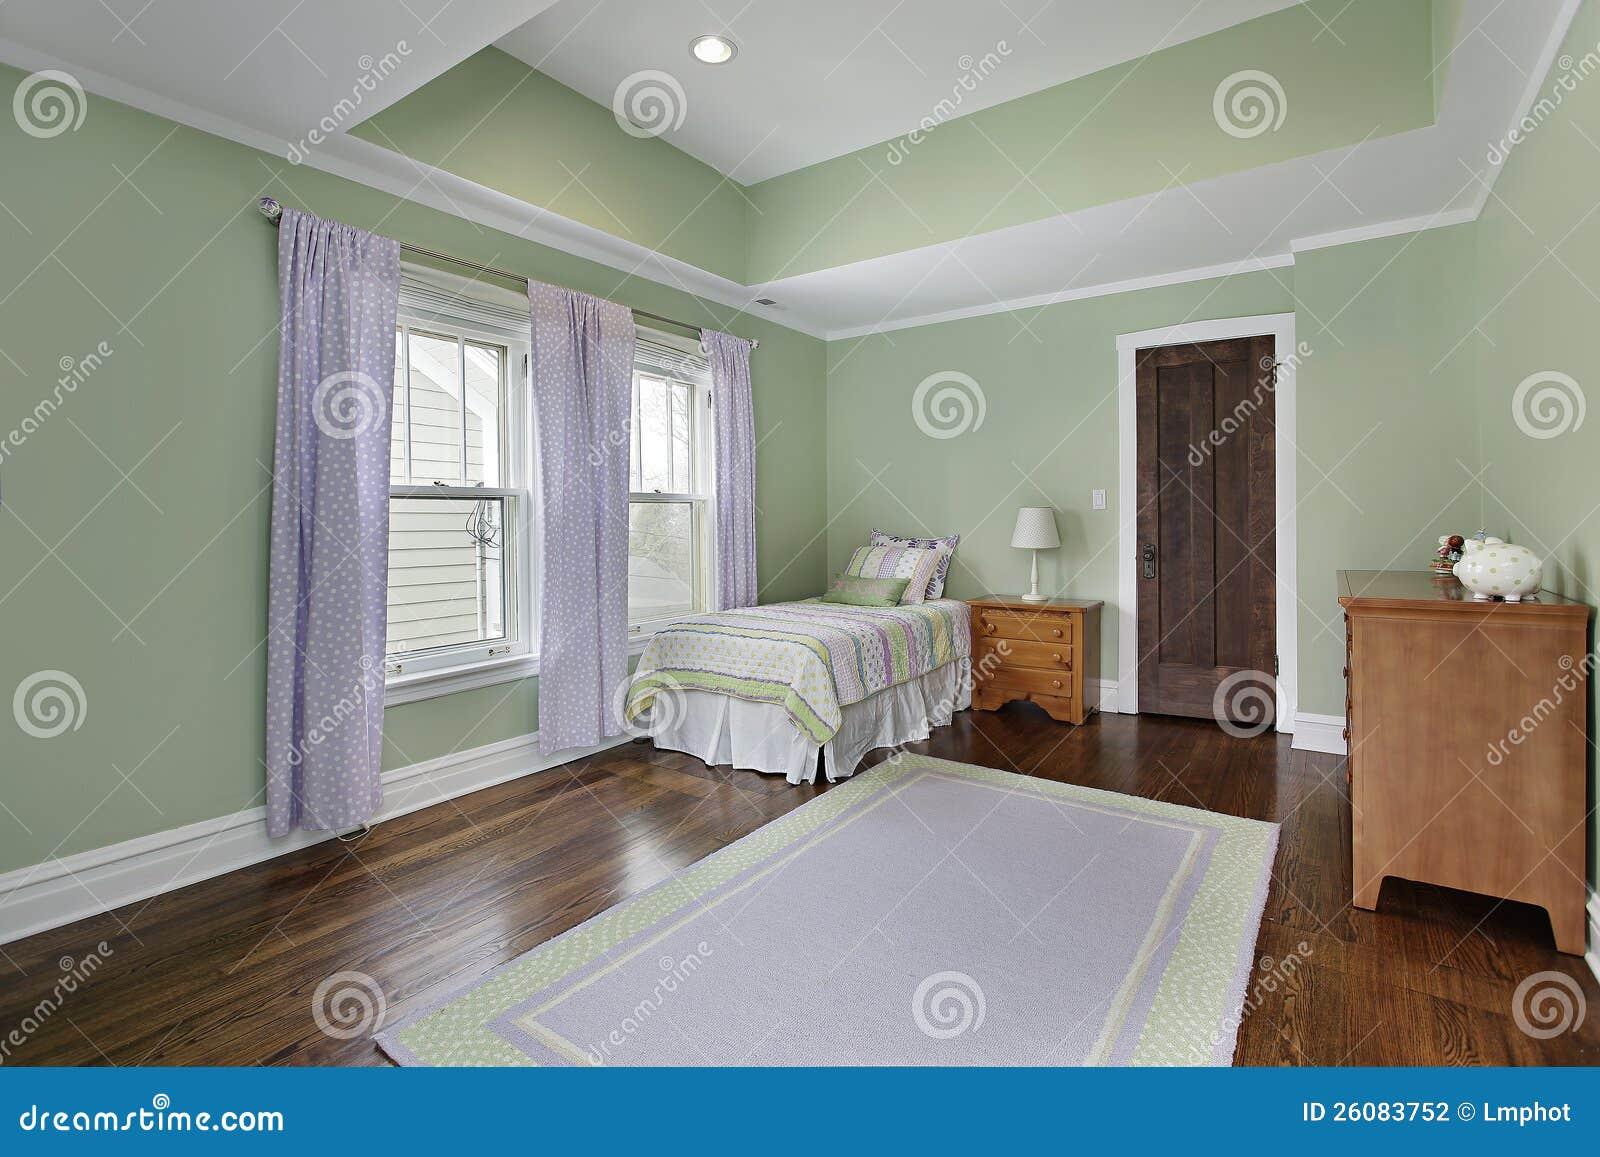 Slaapkamer Met Groene Muren Stock Fotografie - Afbeelding: 26083752